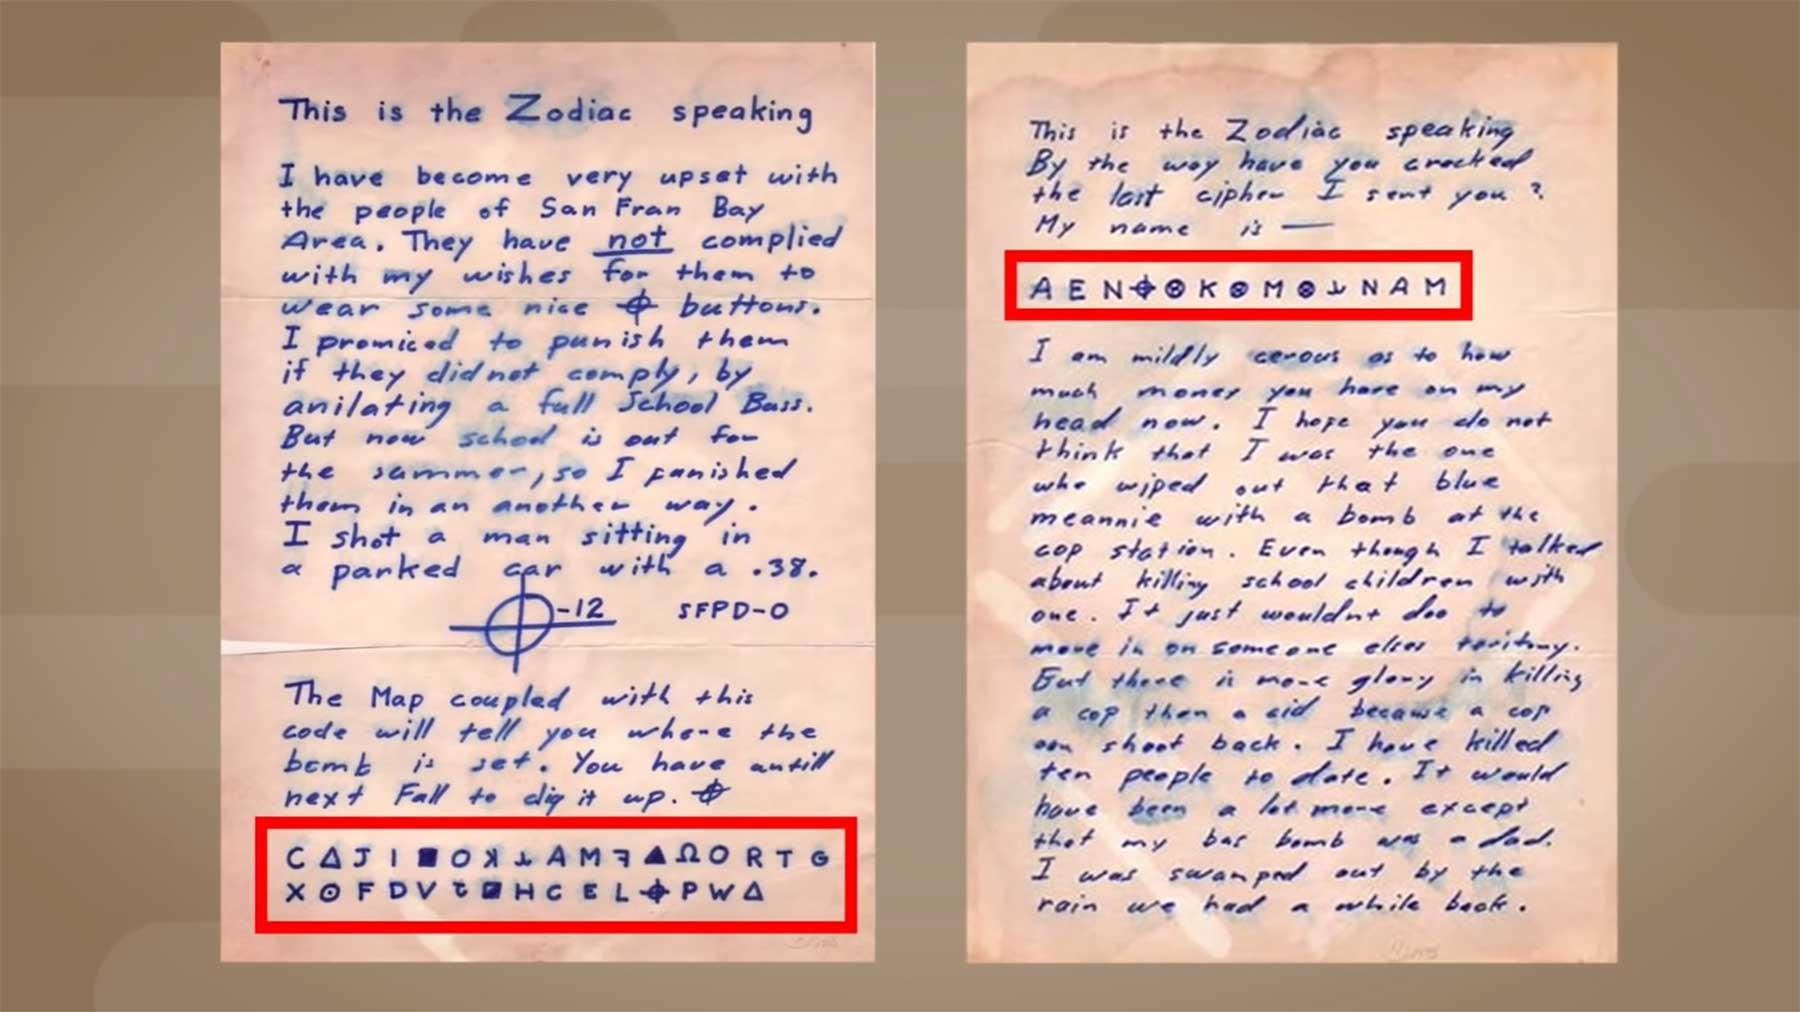 Nach 51 Jahren wurde der Code des Zodiac-Killers entschlüsselt